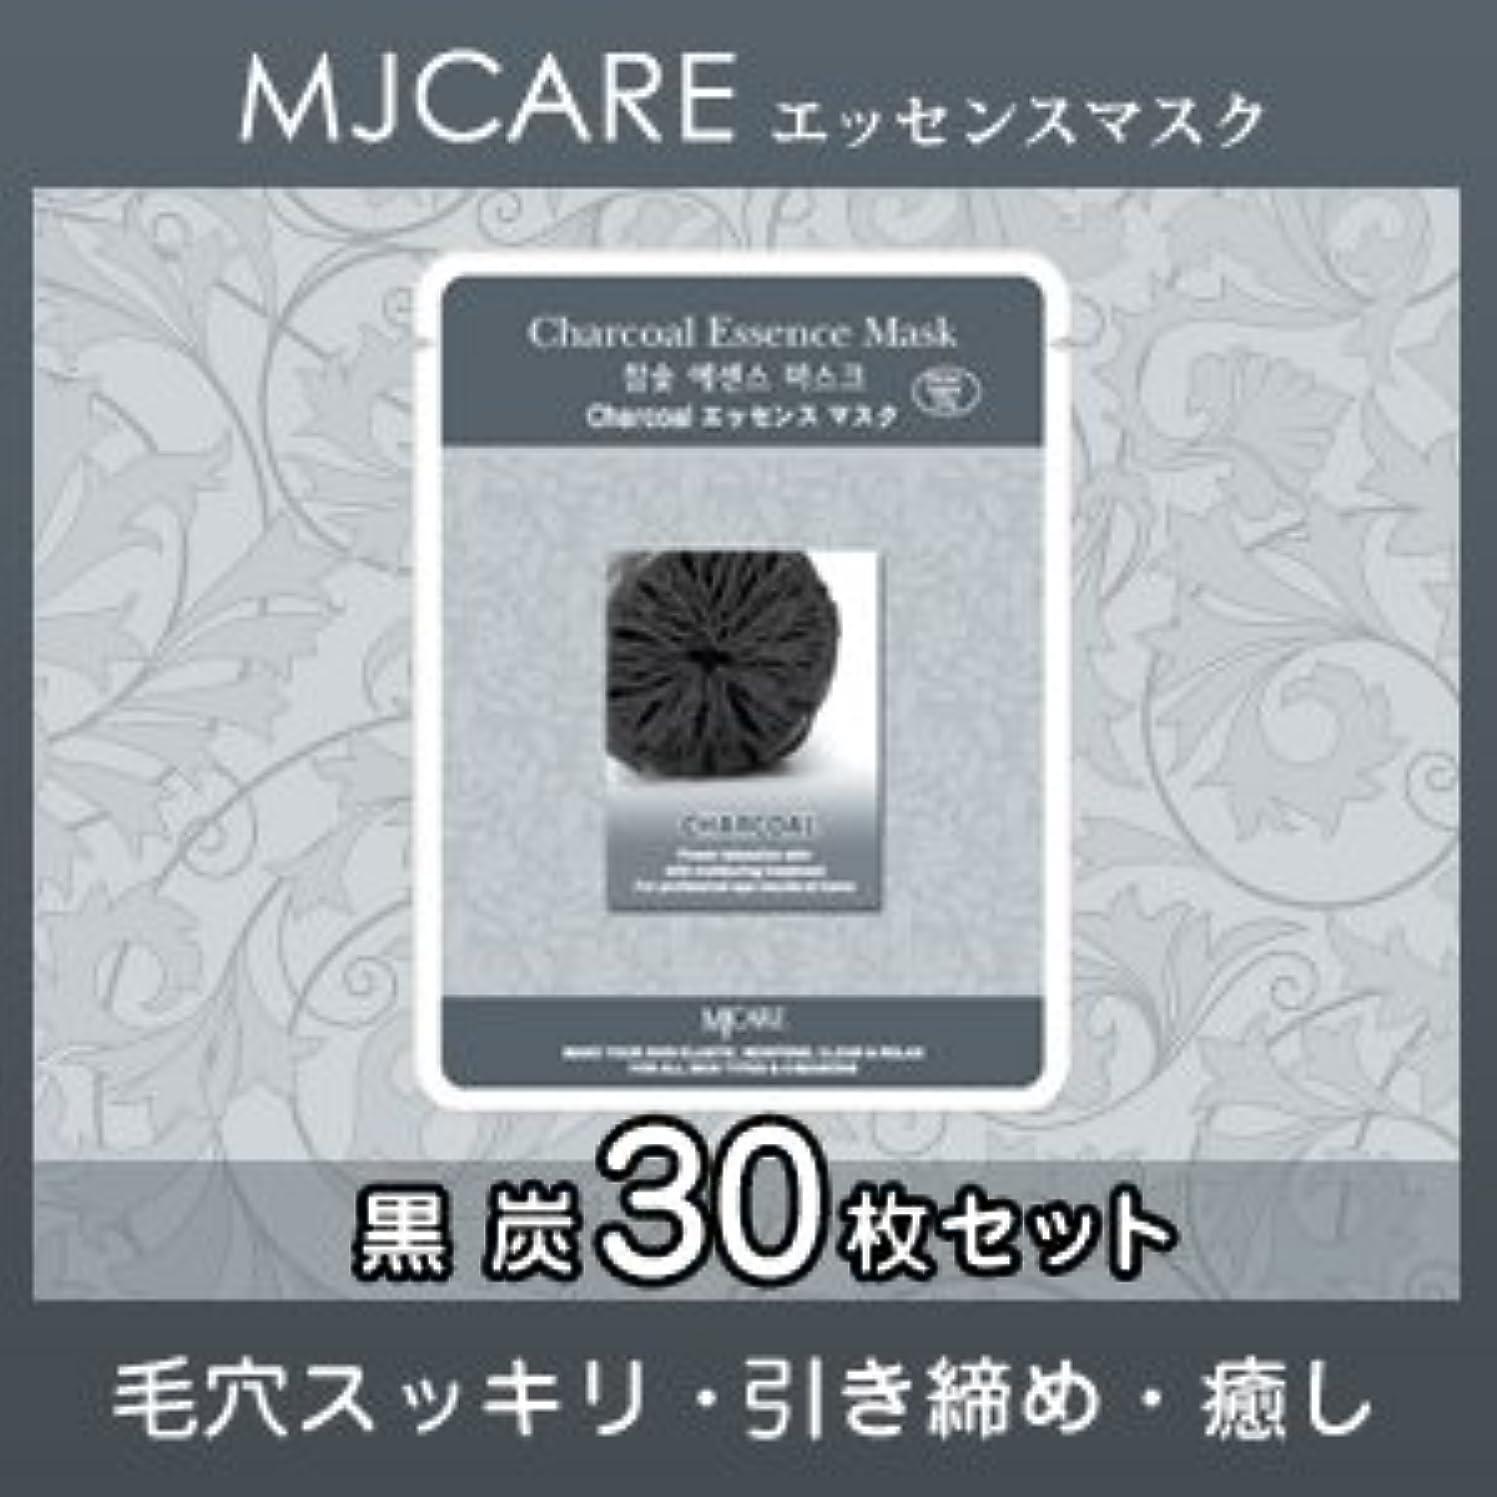 自分の仮定する大統領MJCARE (エムジェイケア) 黒炭 エッセンスマスク 30セット